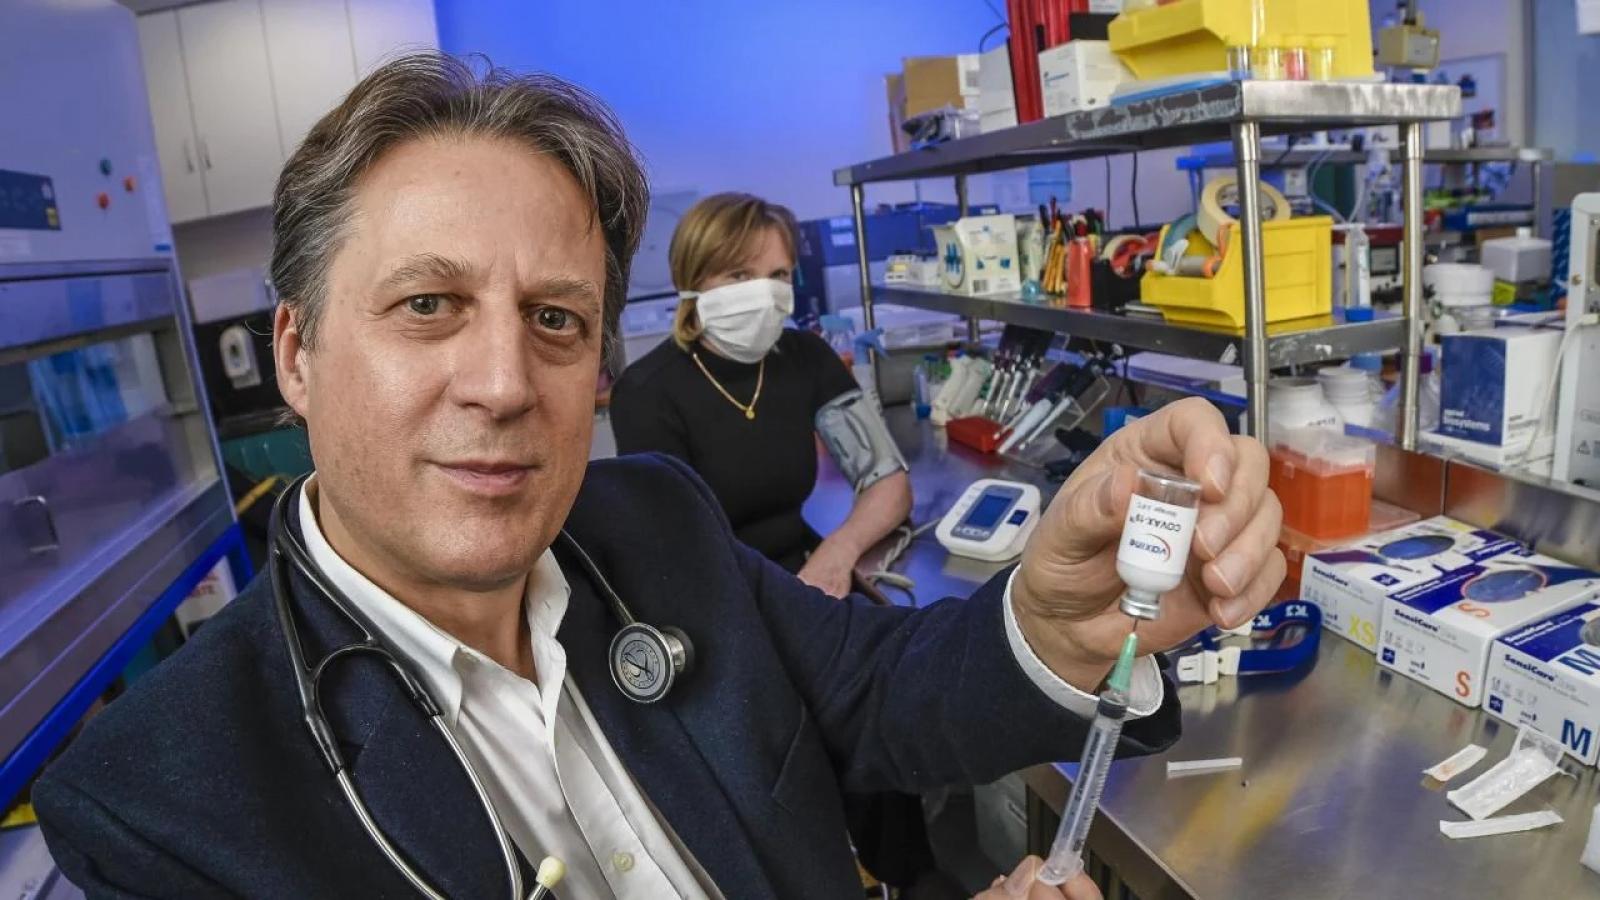 Australia chuẩn bị thử nghiệm vaccine Covid-19 trên người